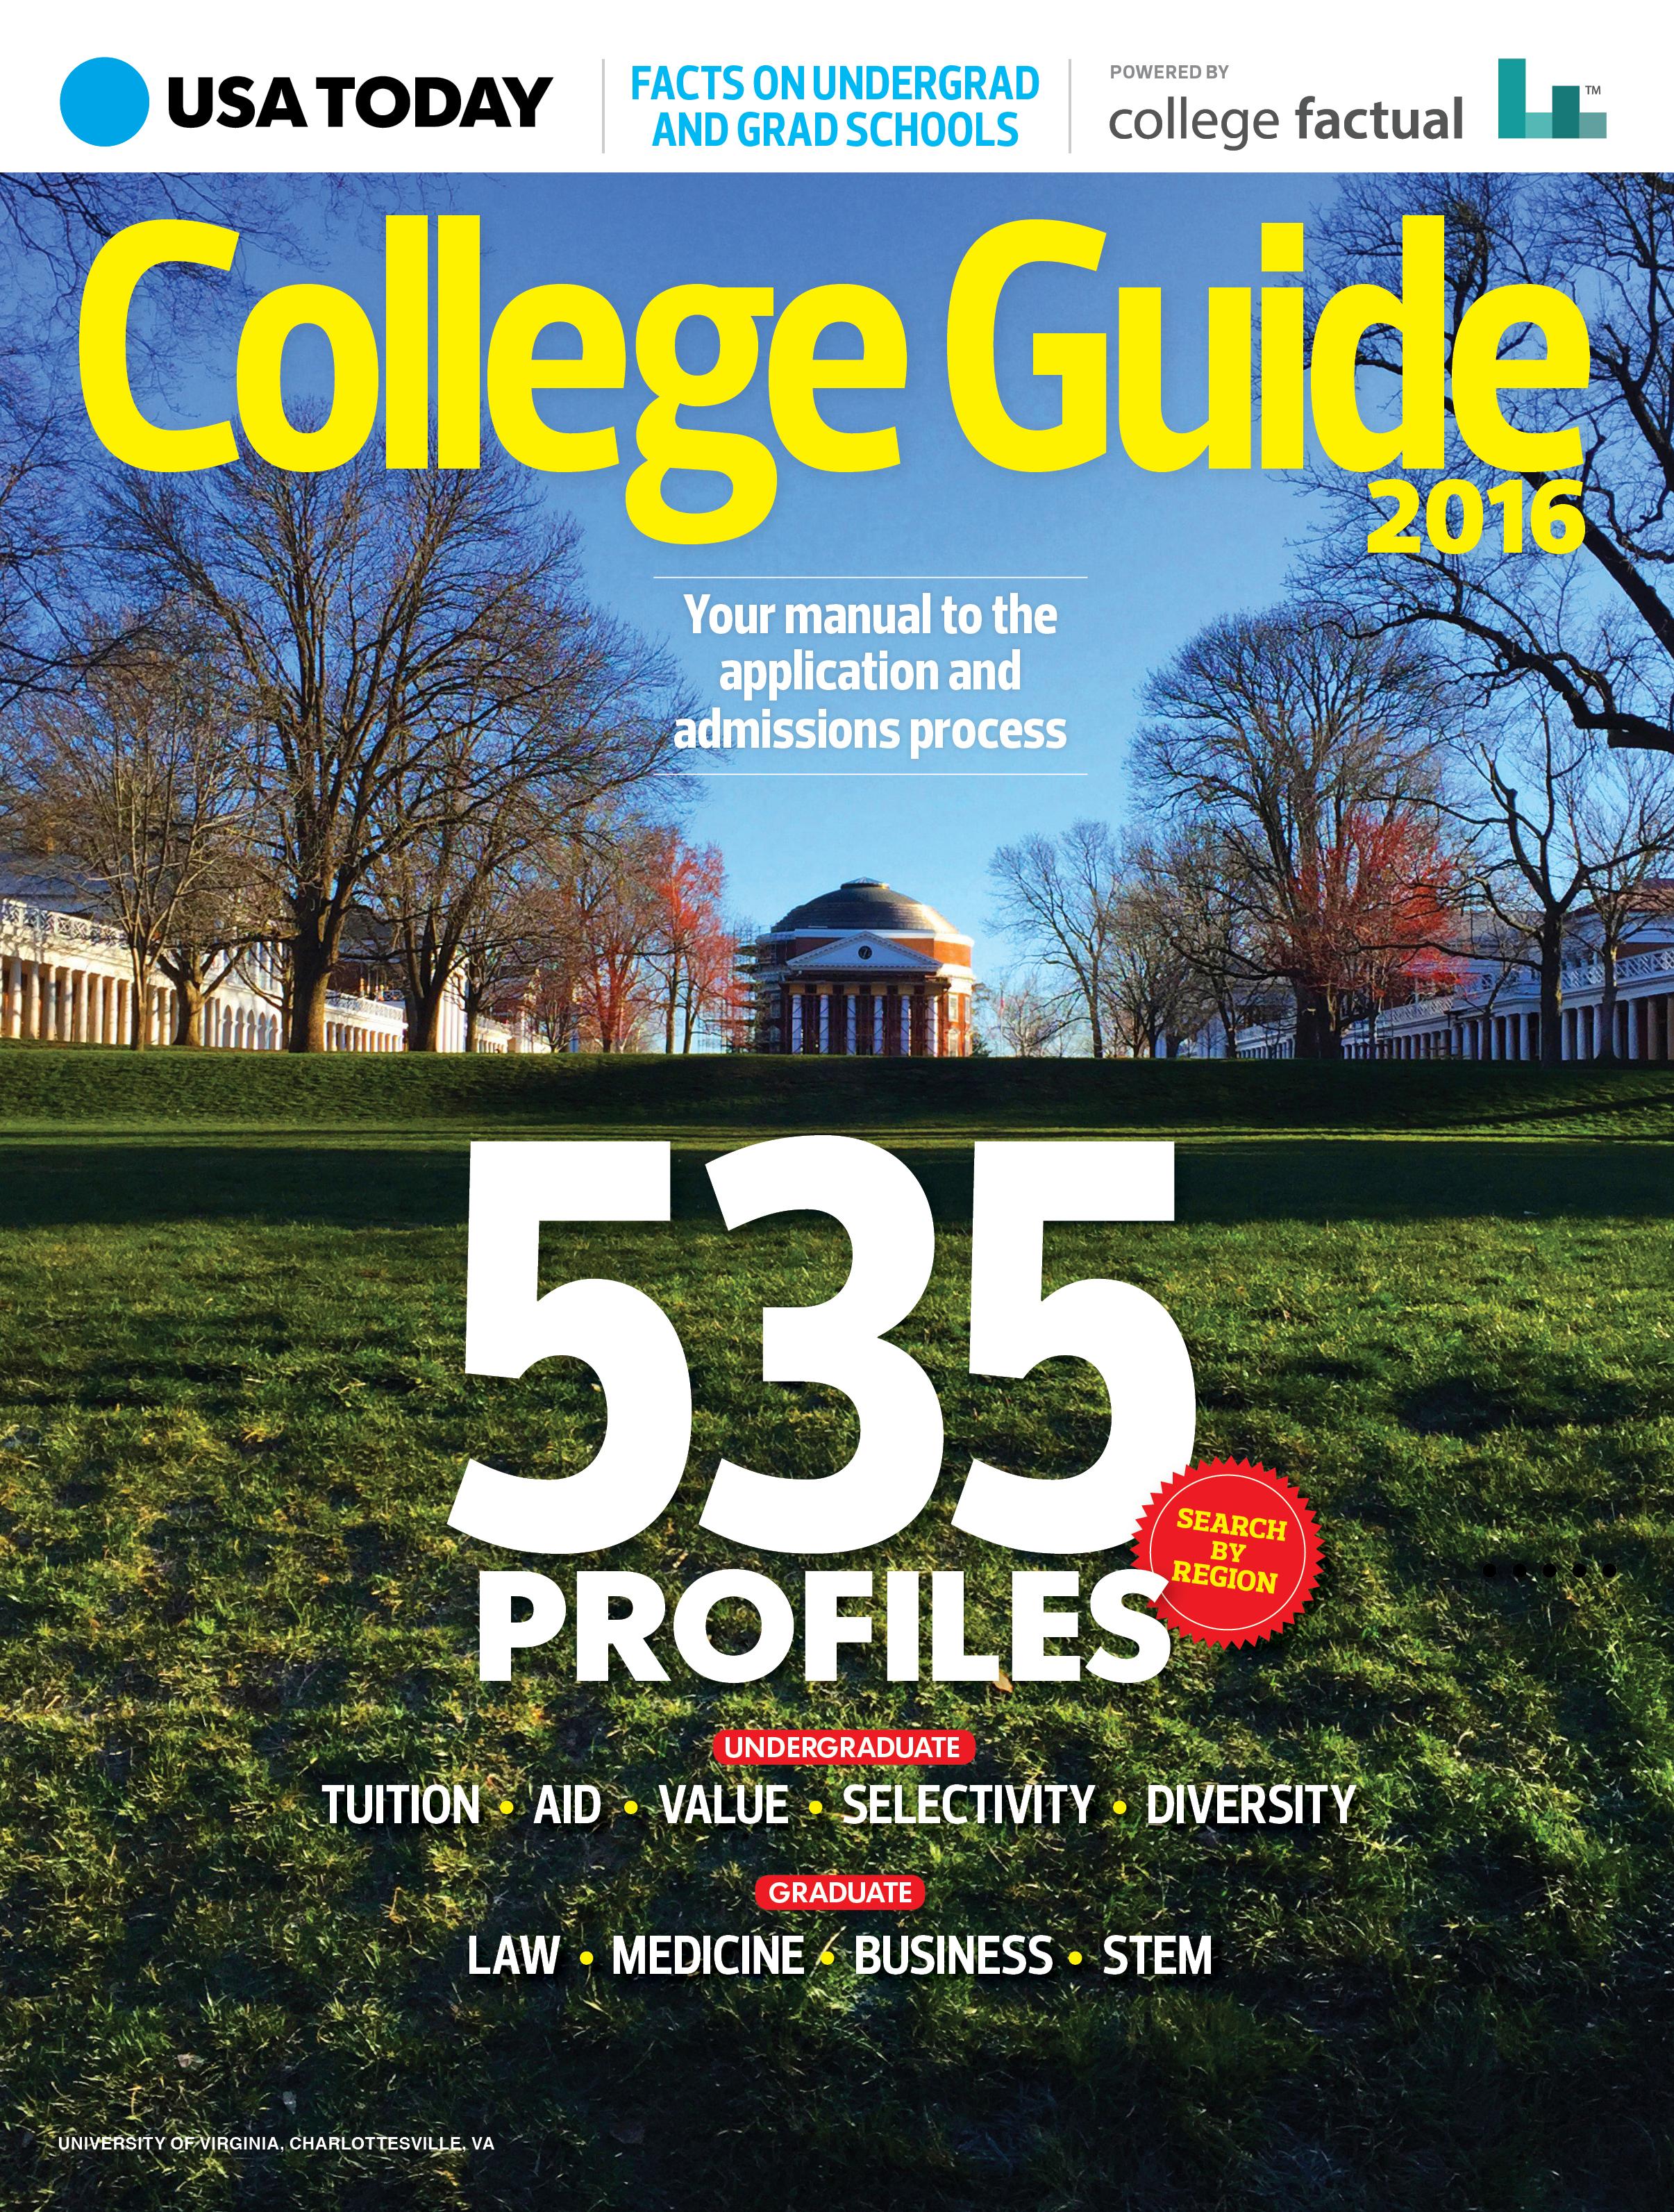 College Guide 2016